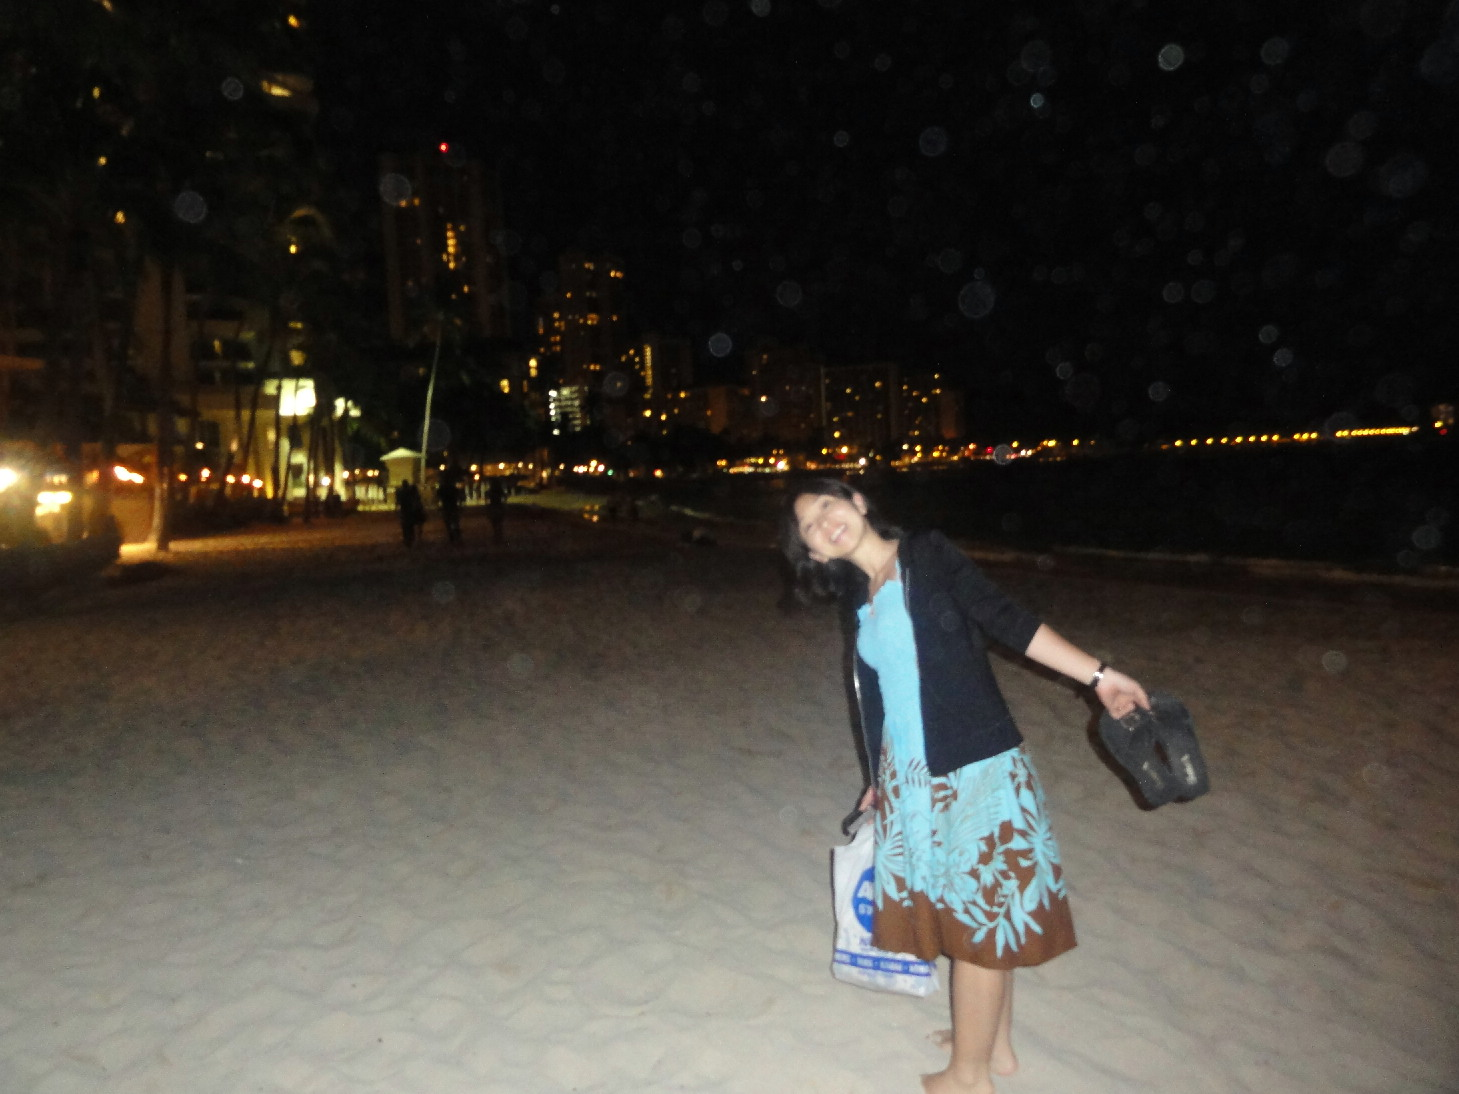 2011 1泊3日HAWAII旅行記~テイクアウトで美味しいフード~_f0011498_183664.jpg